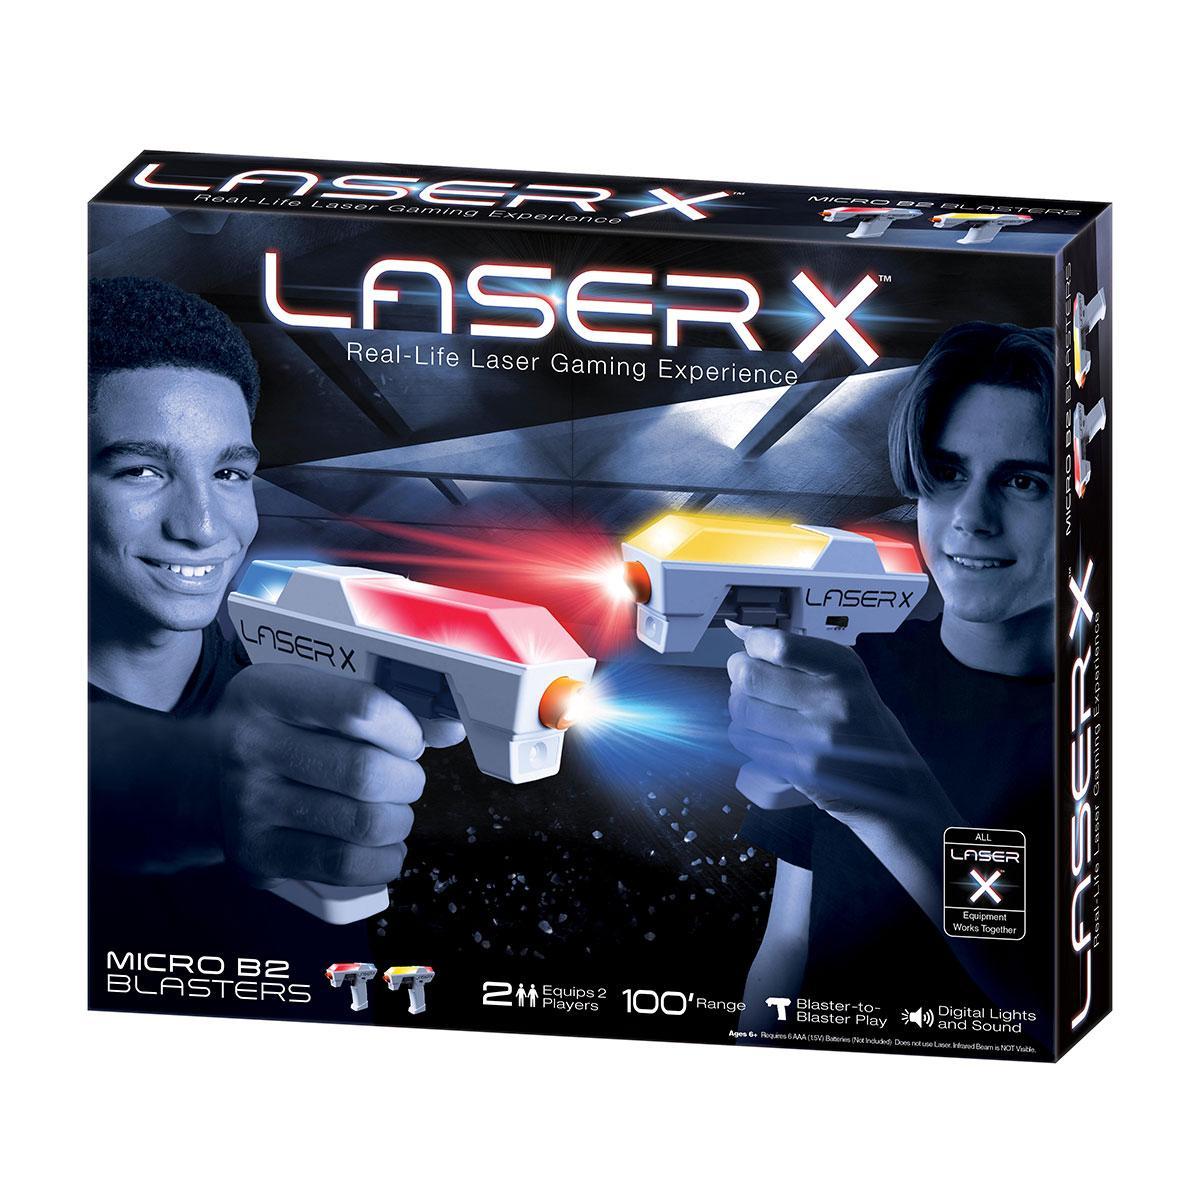 Игровой набор для лазерных боев - LASER X MICRO для двух игроков, детский лезер пистолет